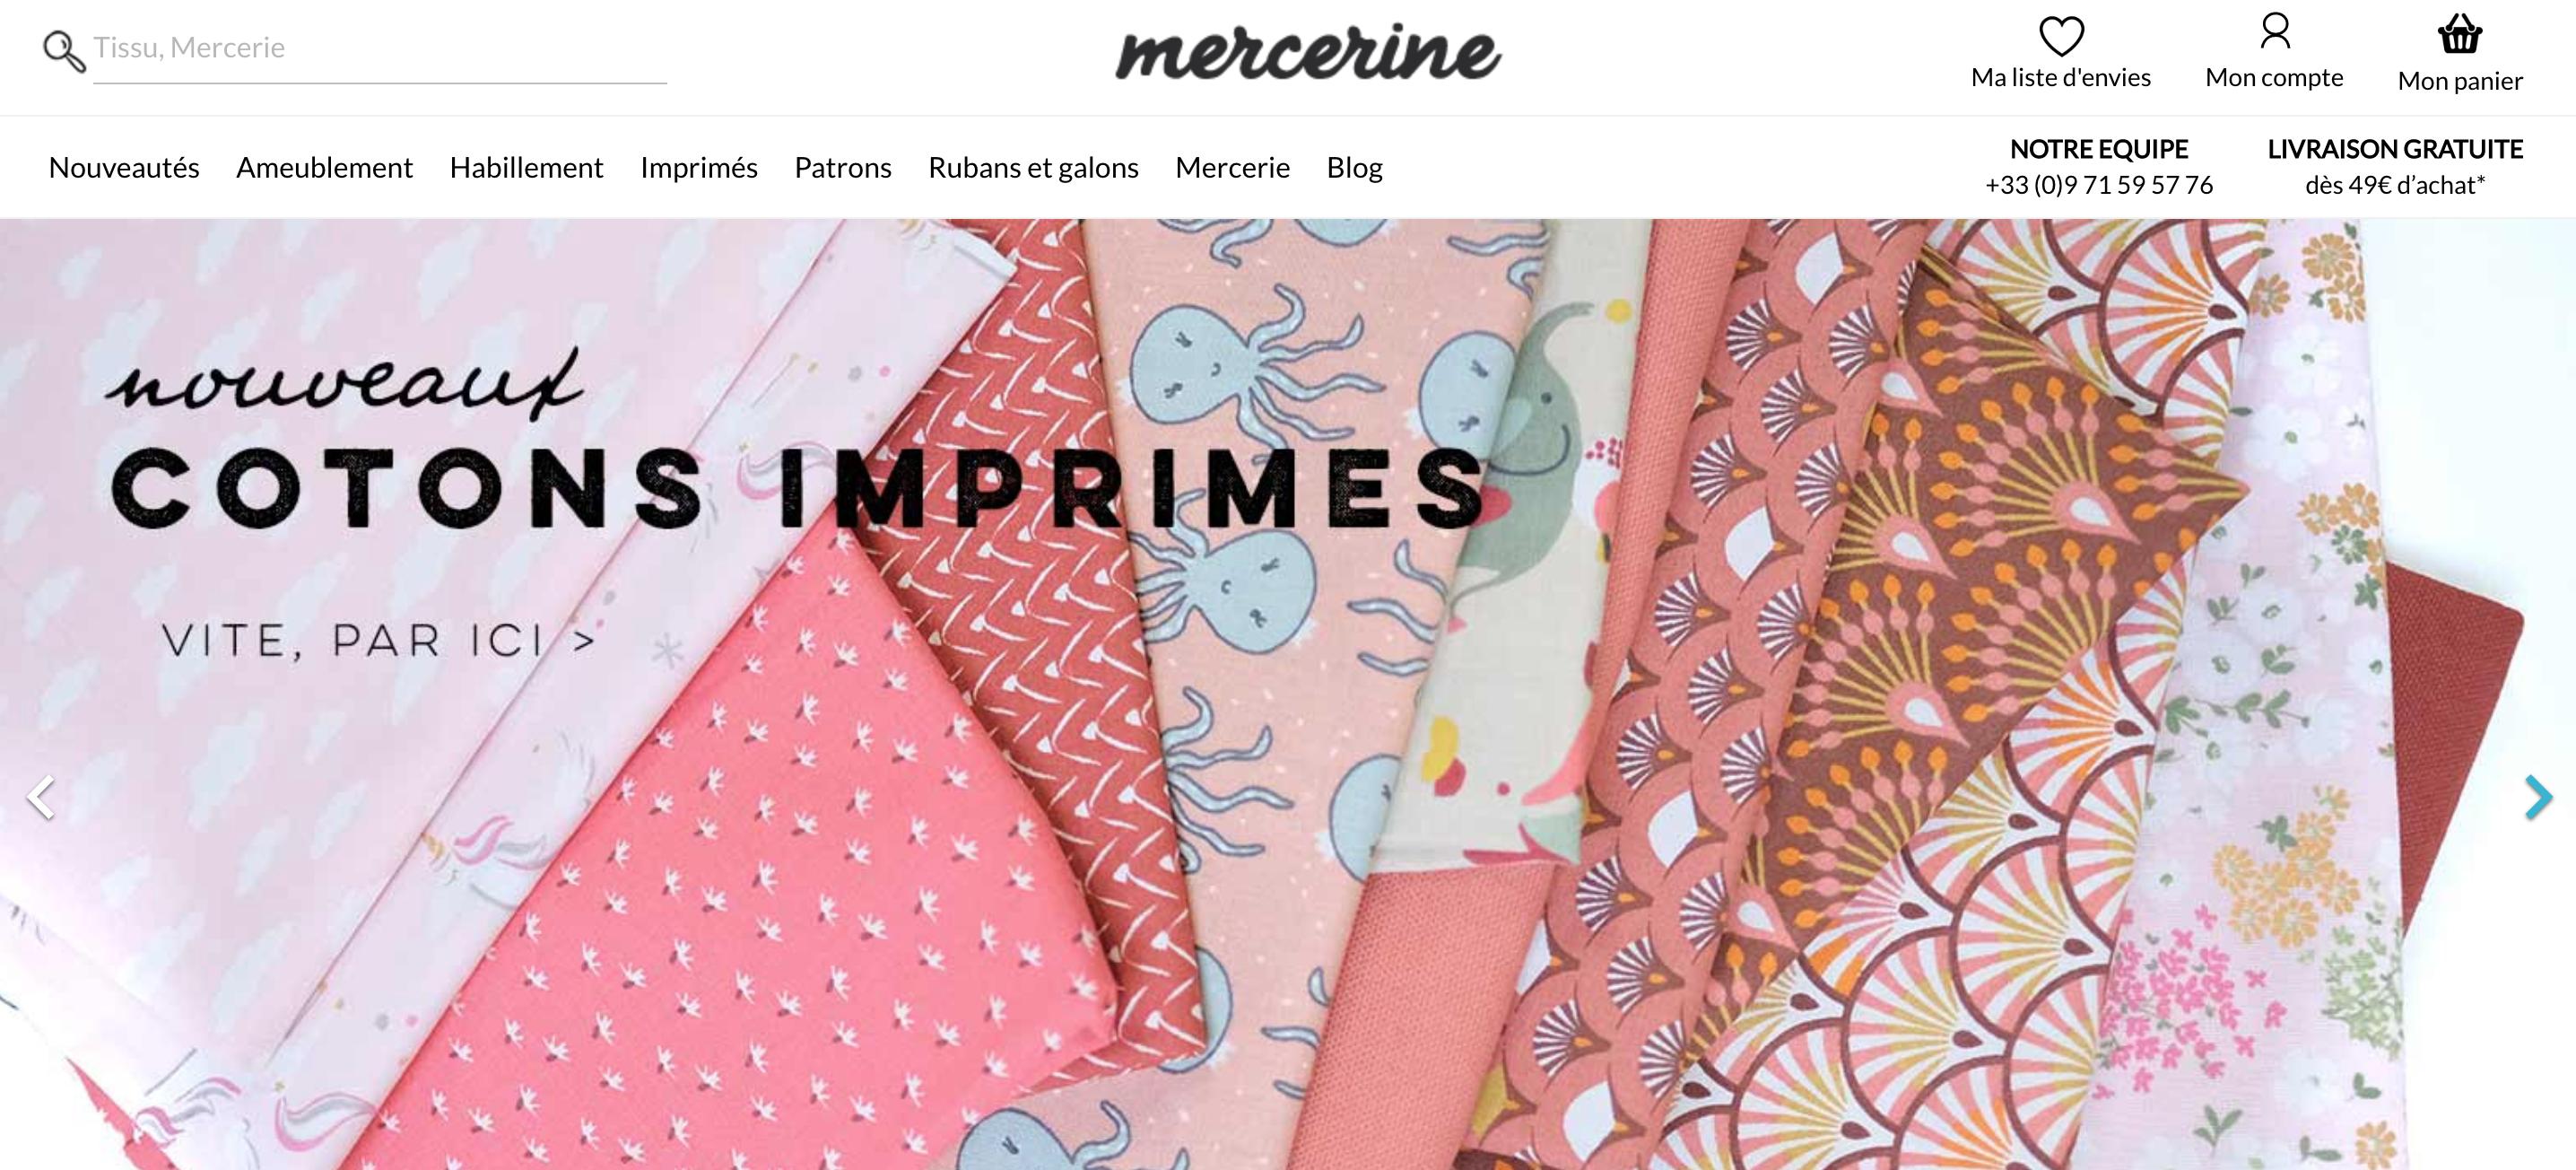 4 - Mercerine